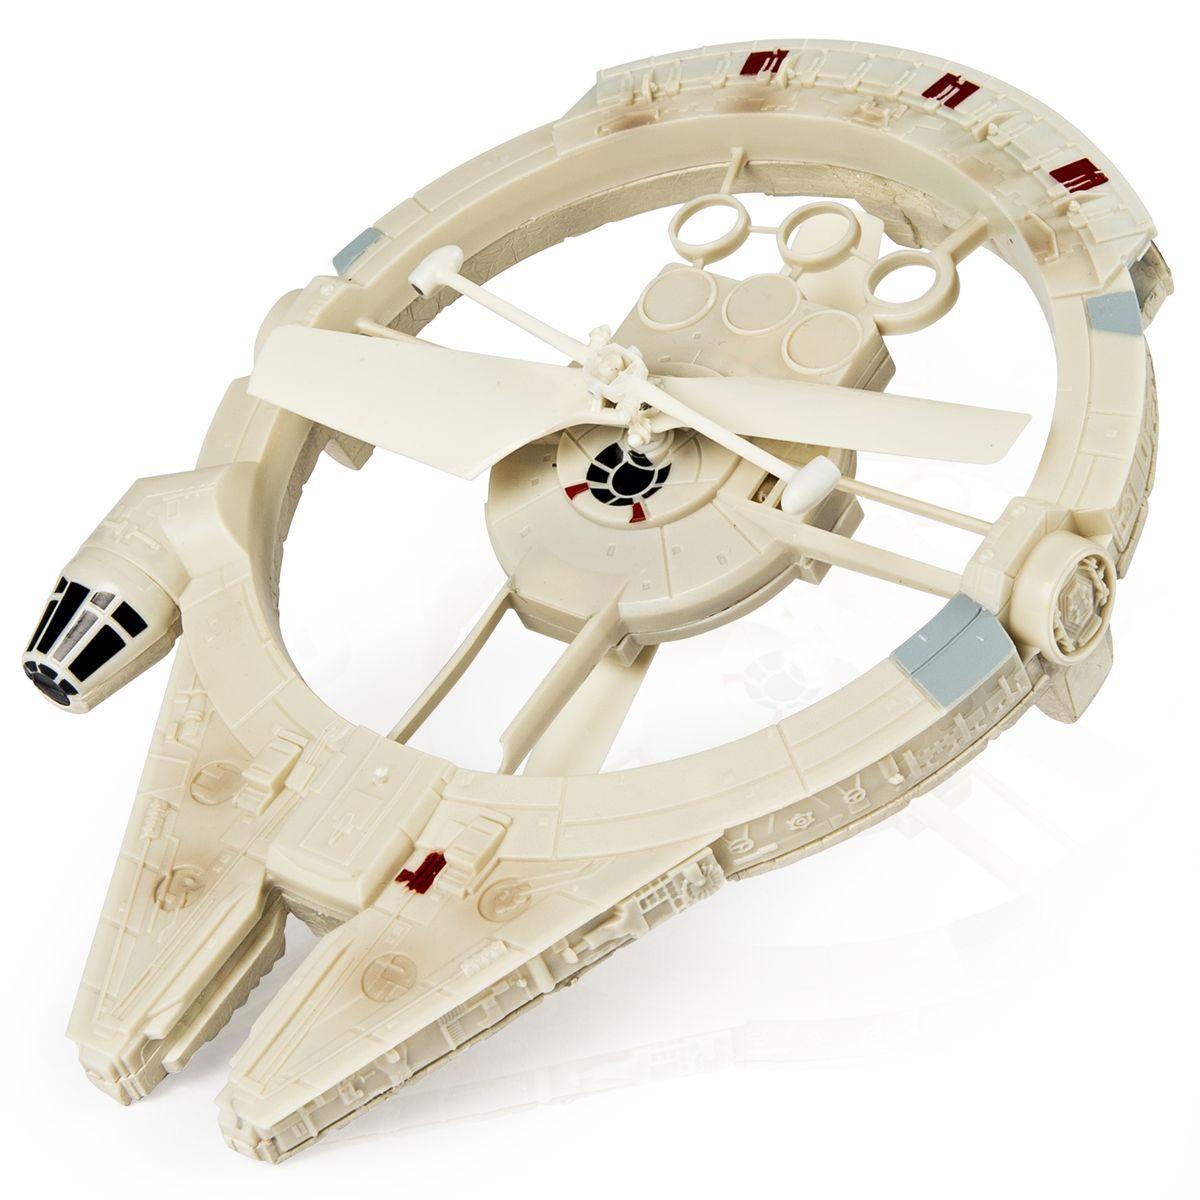 Star Wars Игрушка на радиоуправлении Летающий Сокол тысячелетия ( 44528 )